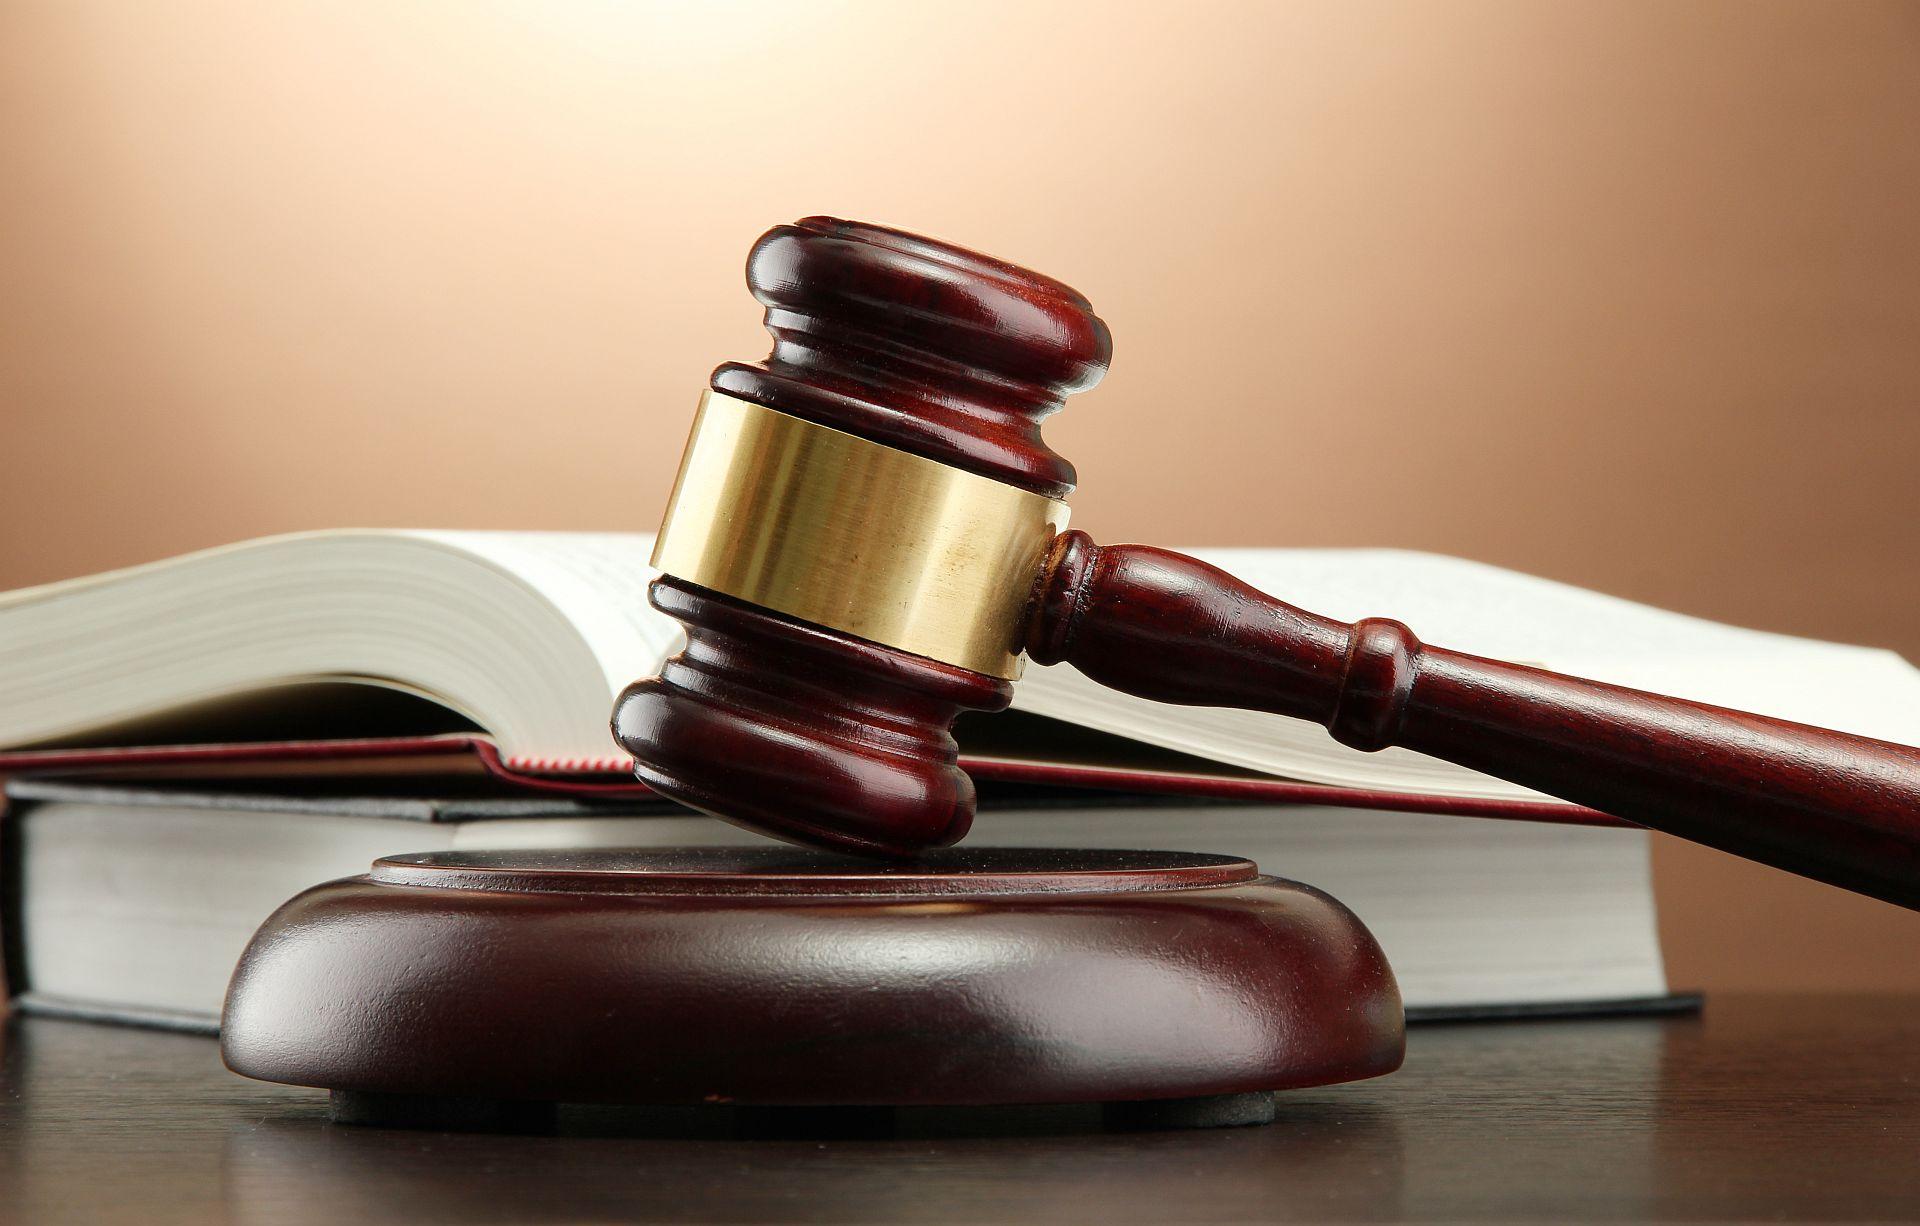 Legal-gavel-books-Image